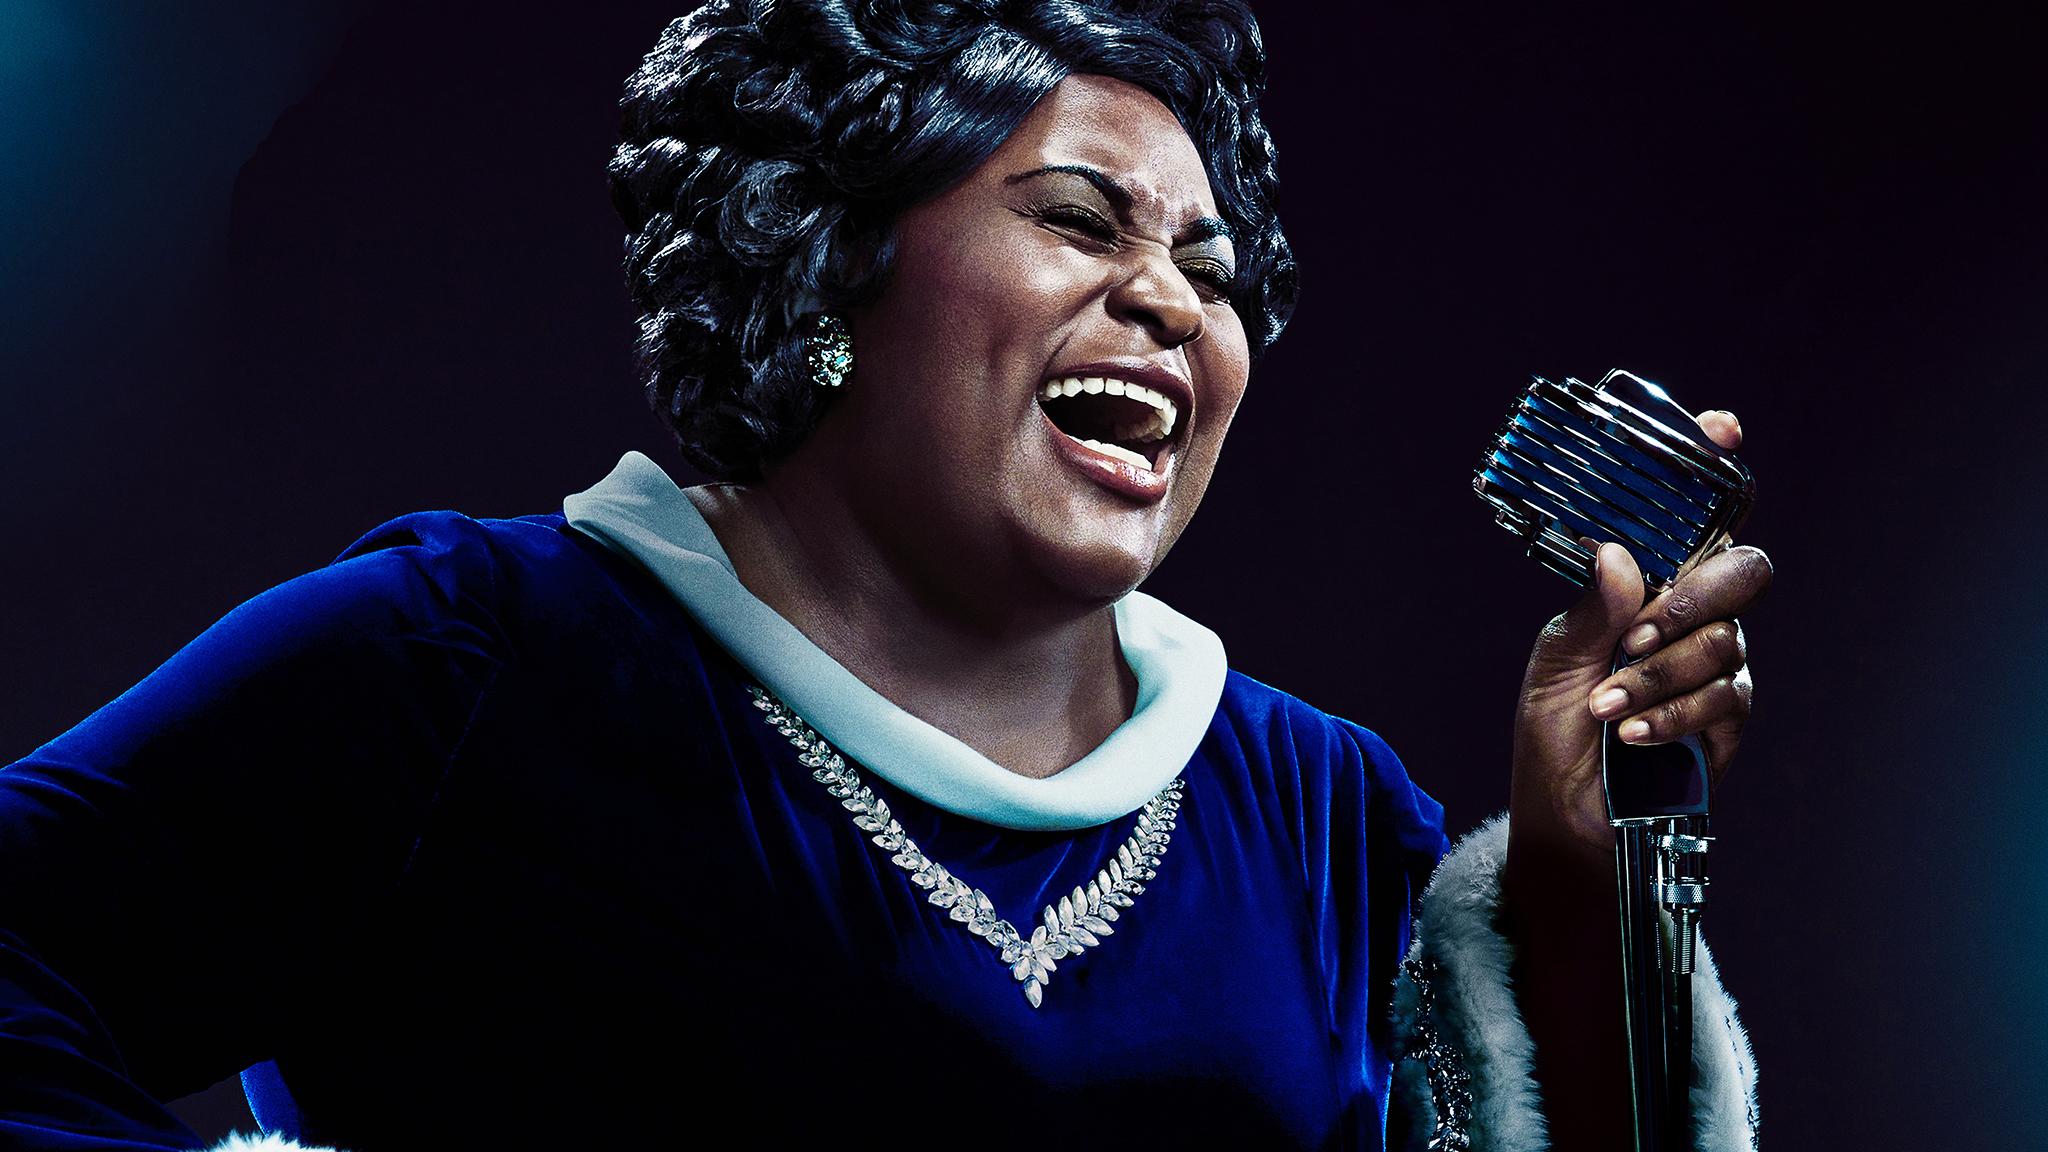 Poster do filme Robin Roberts Presents: Mahalia. A foto mostra Mahalia cantando. Ela é interpretada por Danielle Brooks, uma mulher negra, gorda, que usa roupa azul e colar de brilhantes. Ela canta de olhos fechados, boca aberta e segurando o microfone com força